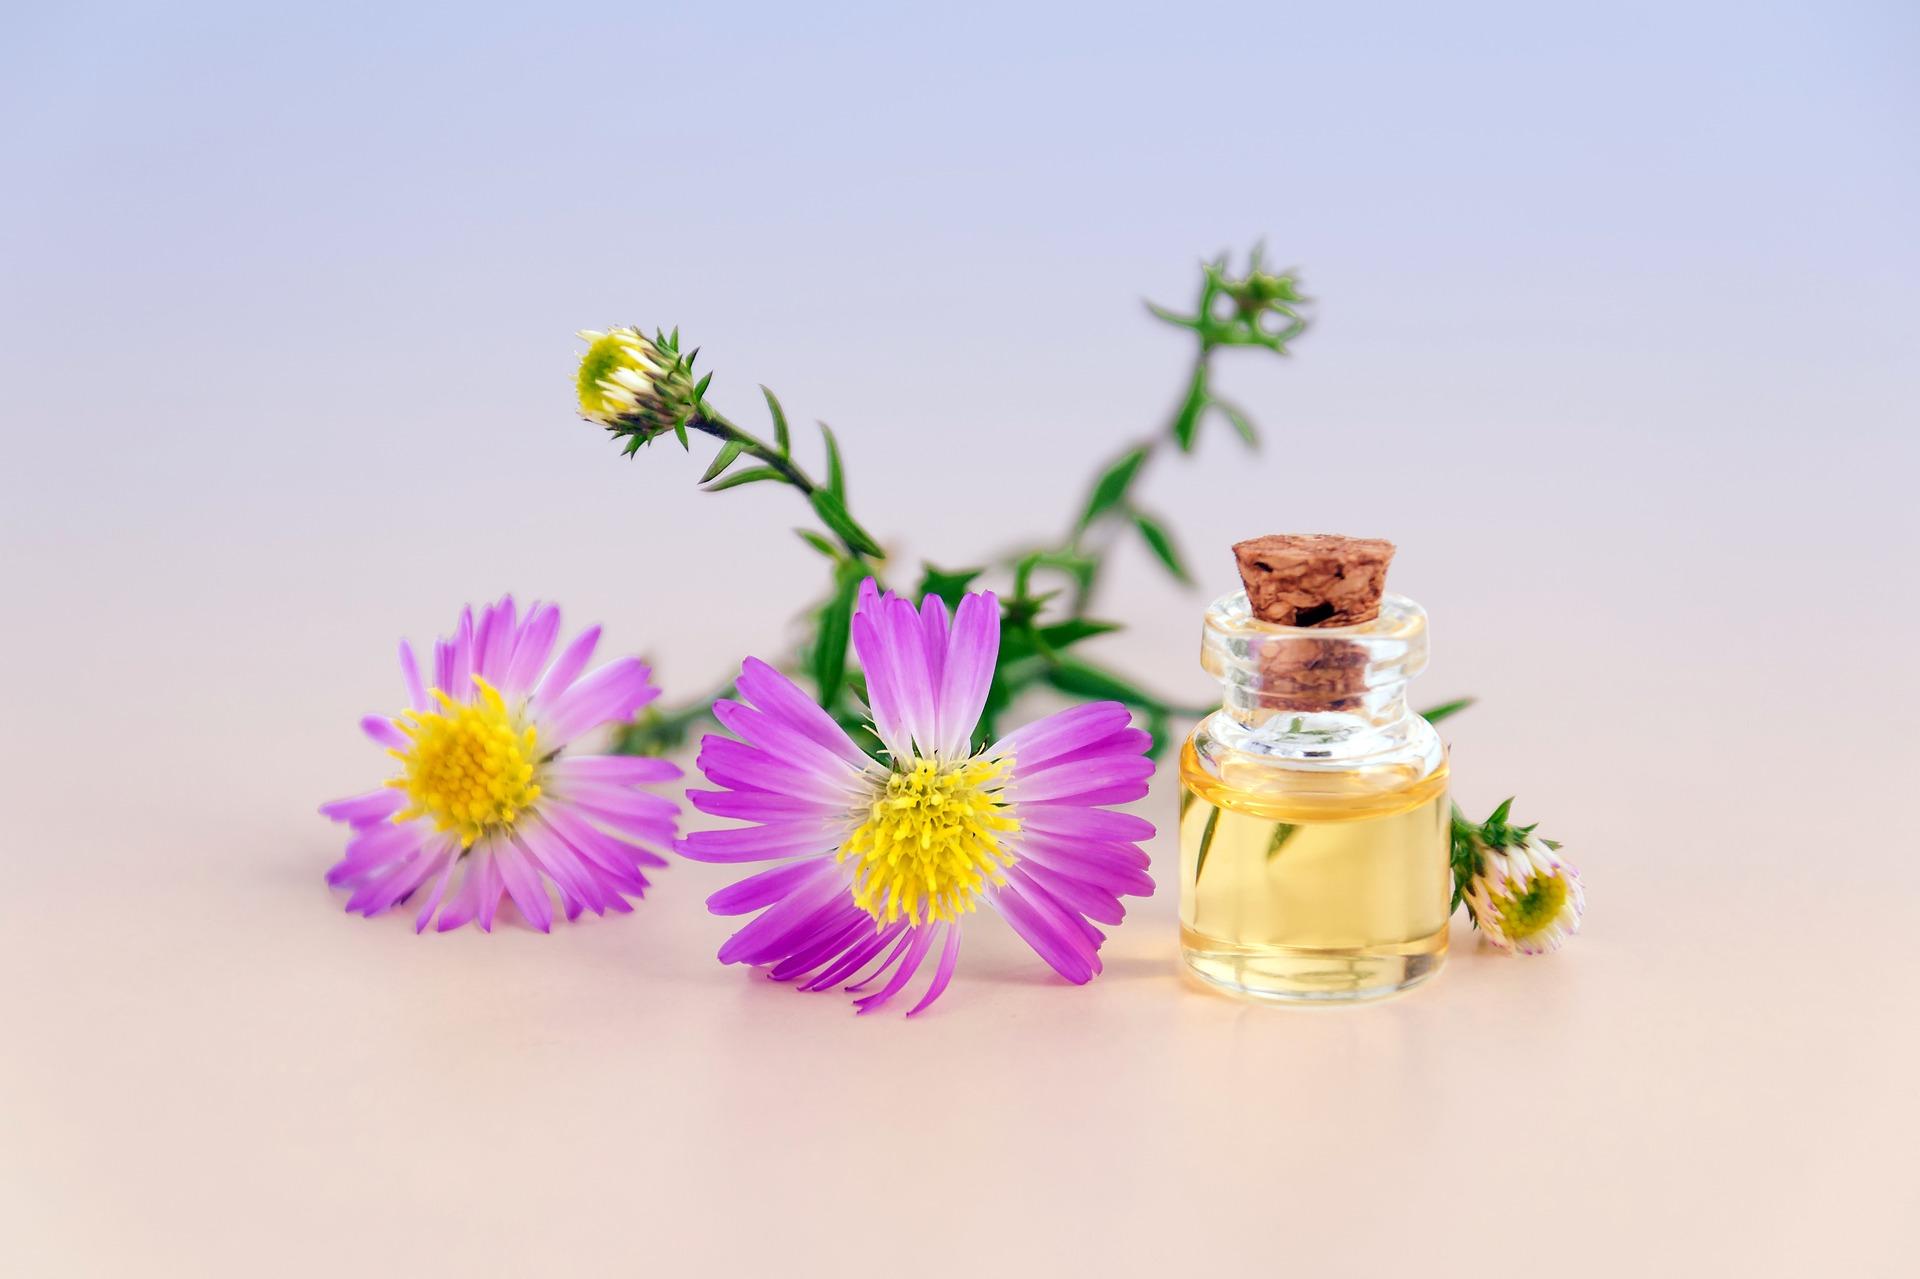 Kosmetyki naturalne: ciekawe marki i producenci – część 3